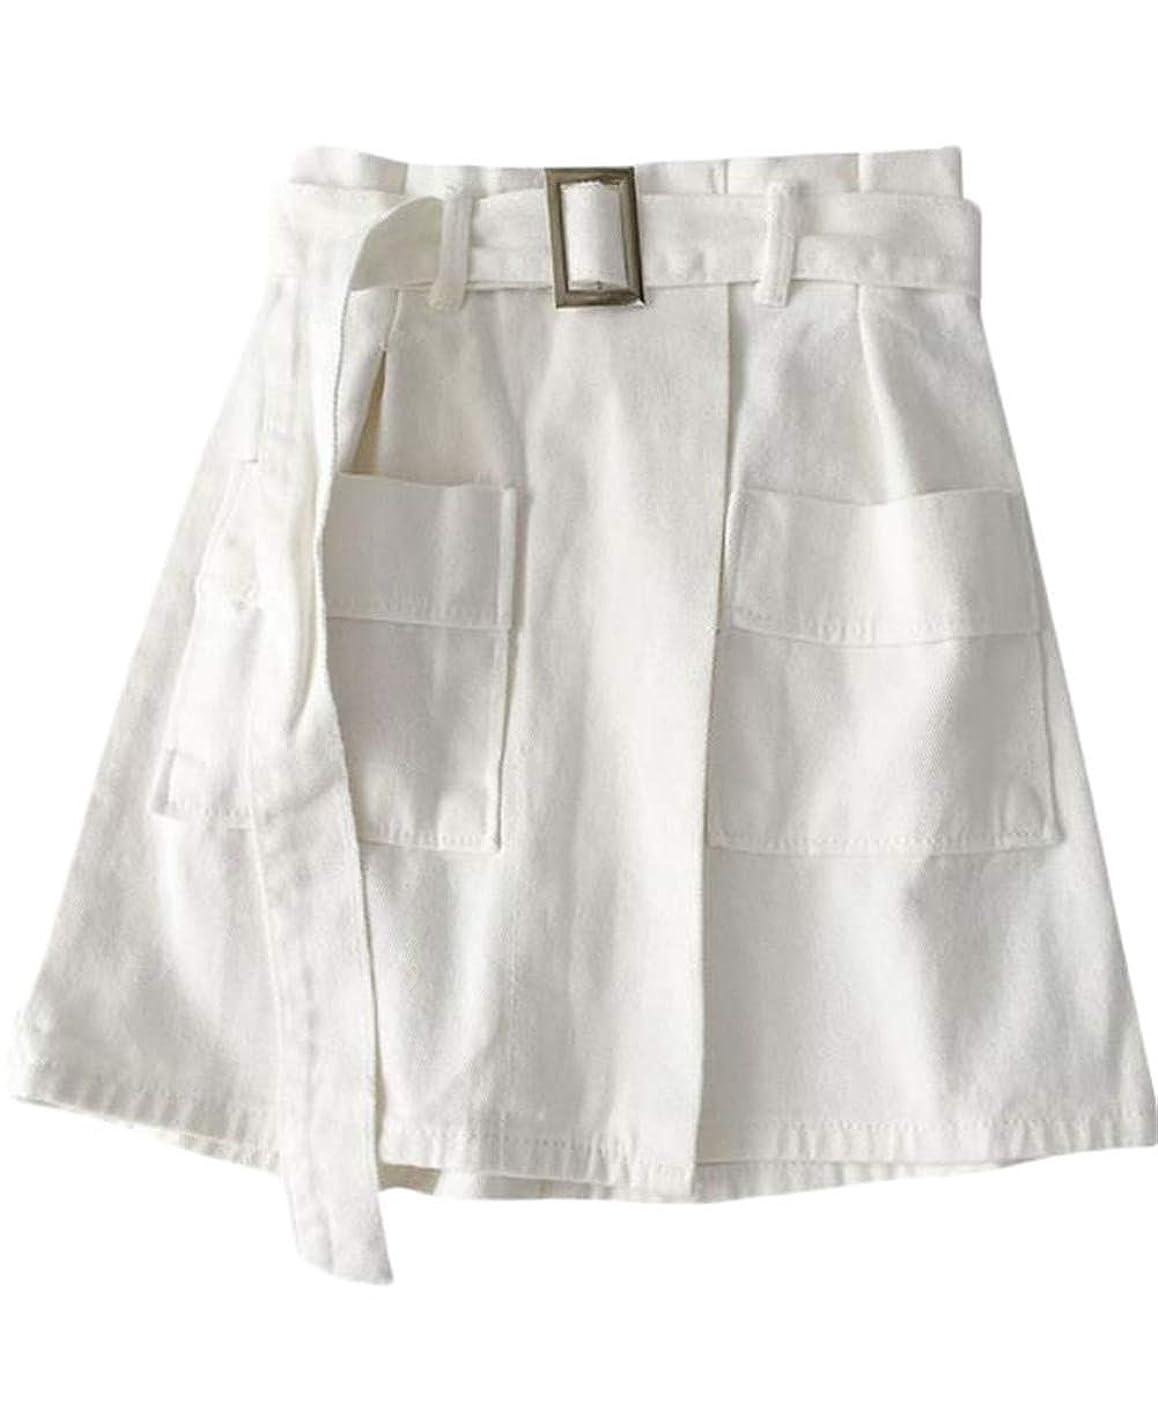 愚か酸保持する[エージョン] レディース デニムスカート ラップスカート ベルト付き Aライン 半身 ショート丈 夏服 ファッション